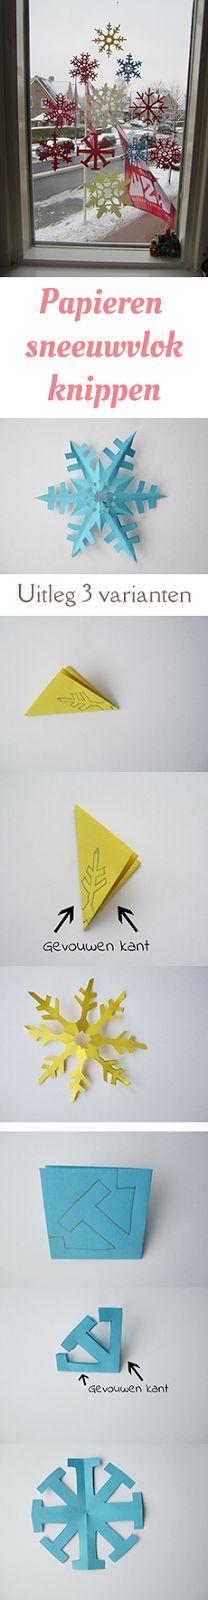 MizFlurry: Uitleg papieren sneeuwvlokken knippen